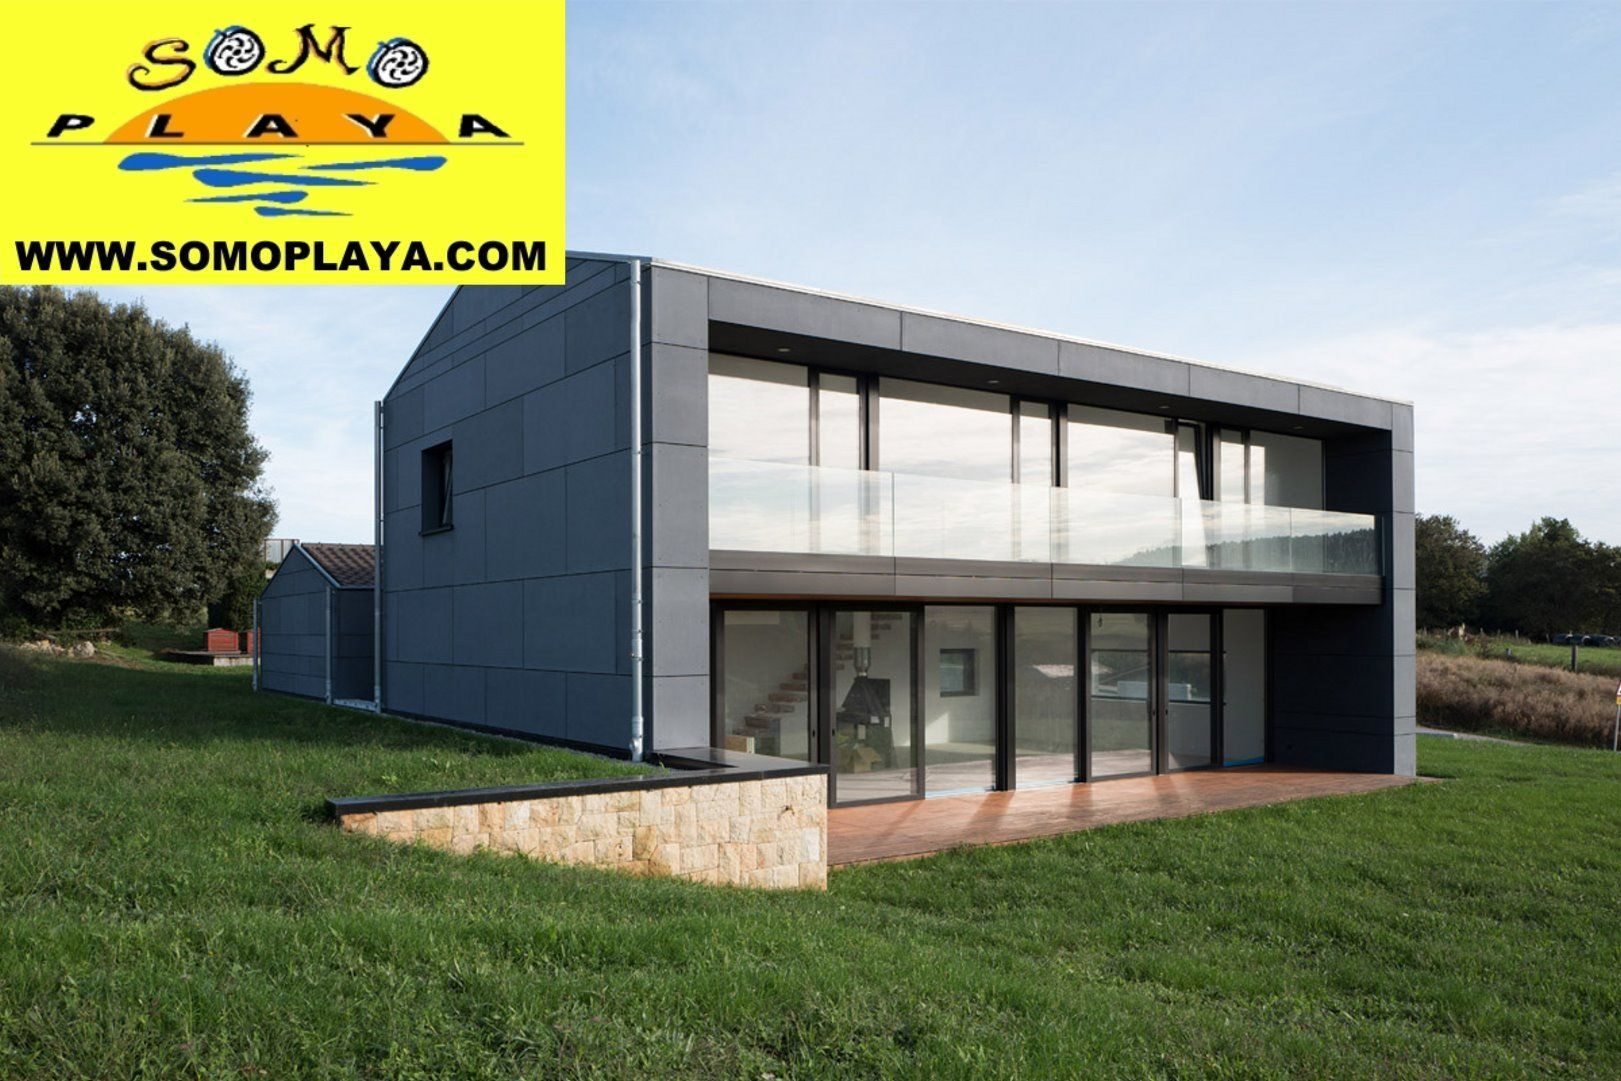 Casa / Chalet en Villaverde de Pontones, RIBAMONTÁN AL MONTE, venta